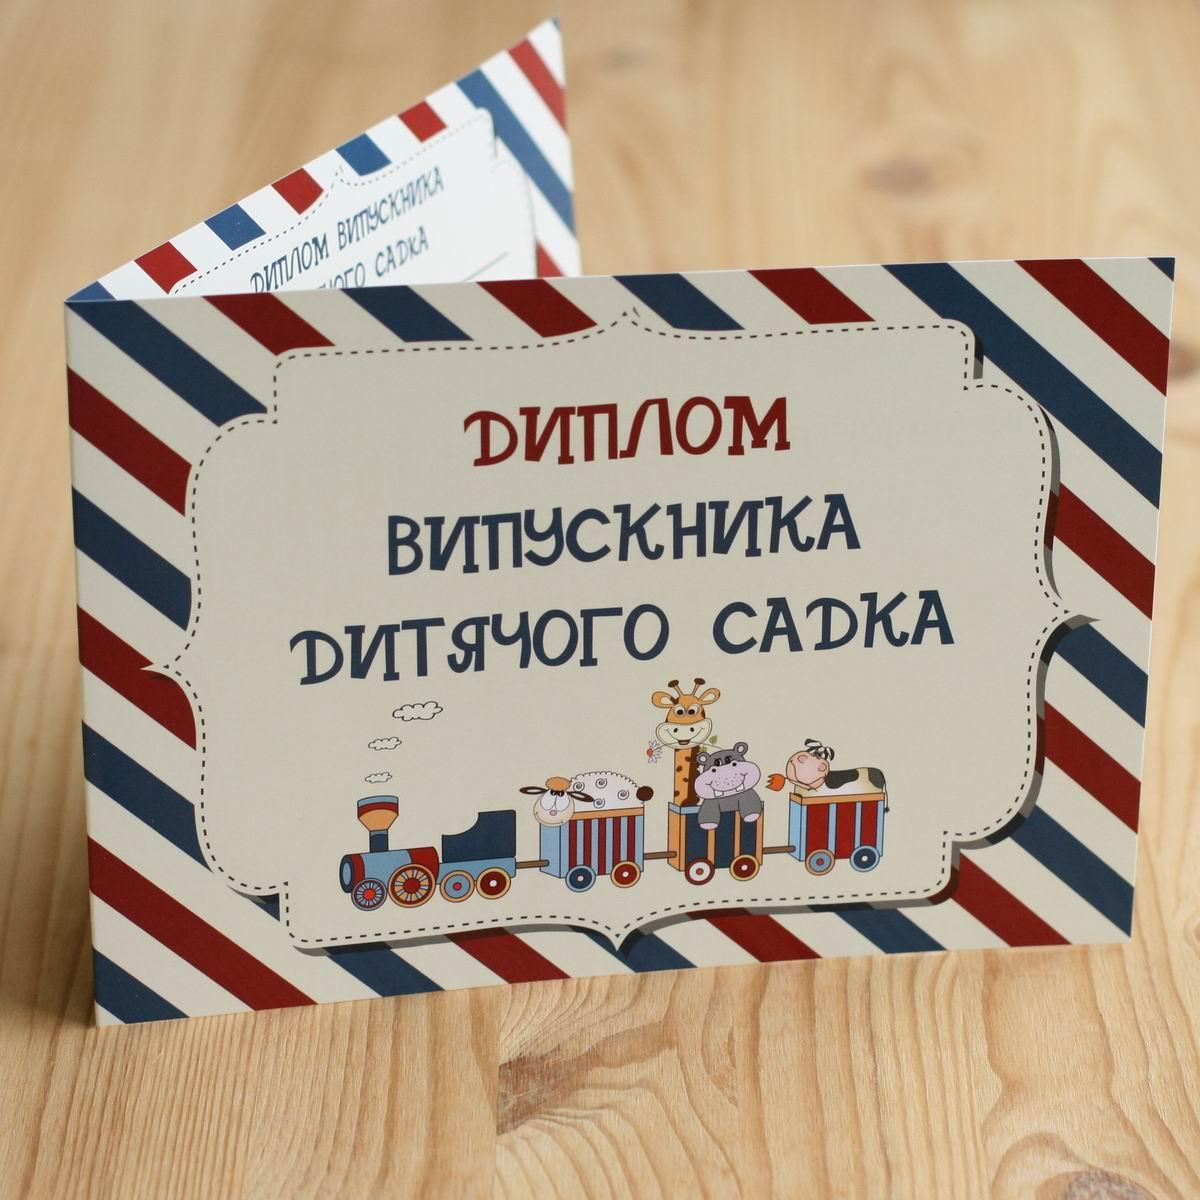 Диплом-открытка выпускника детского сада, Детские игрушки